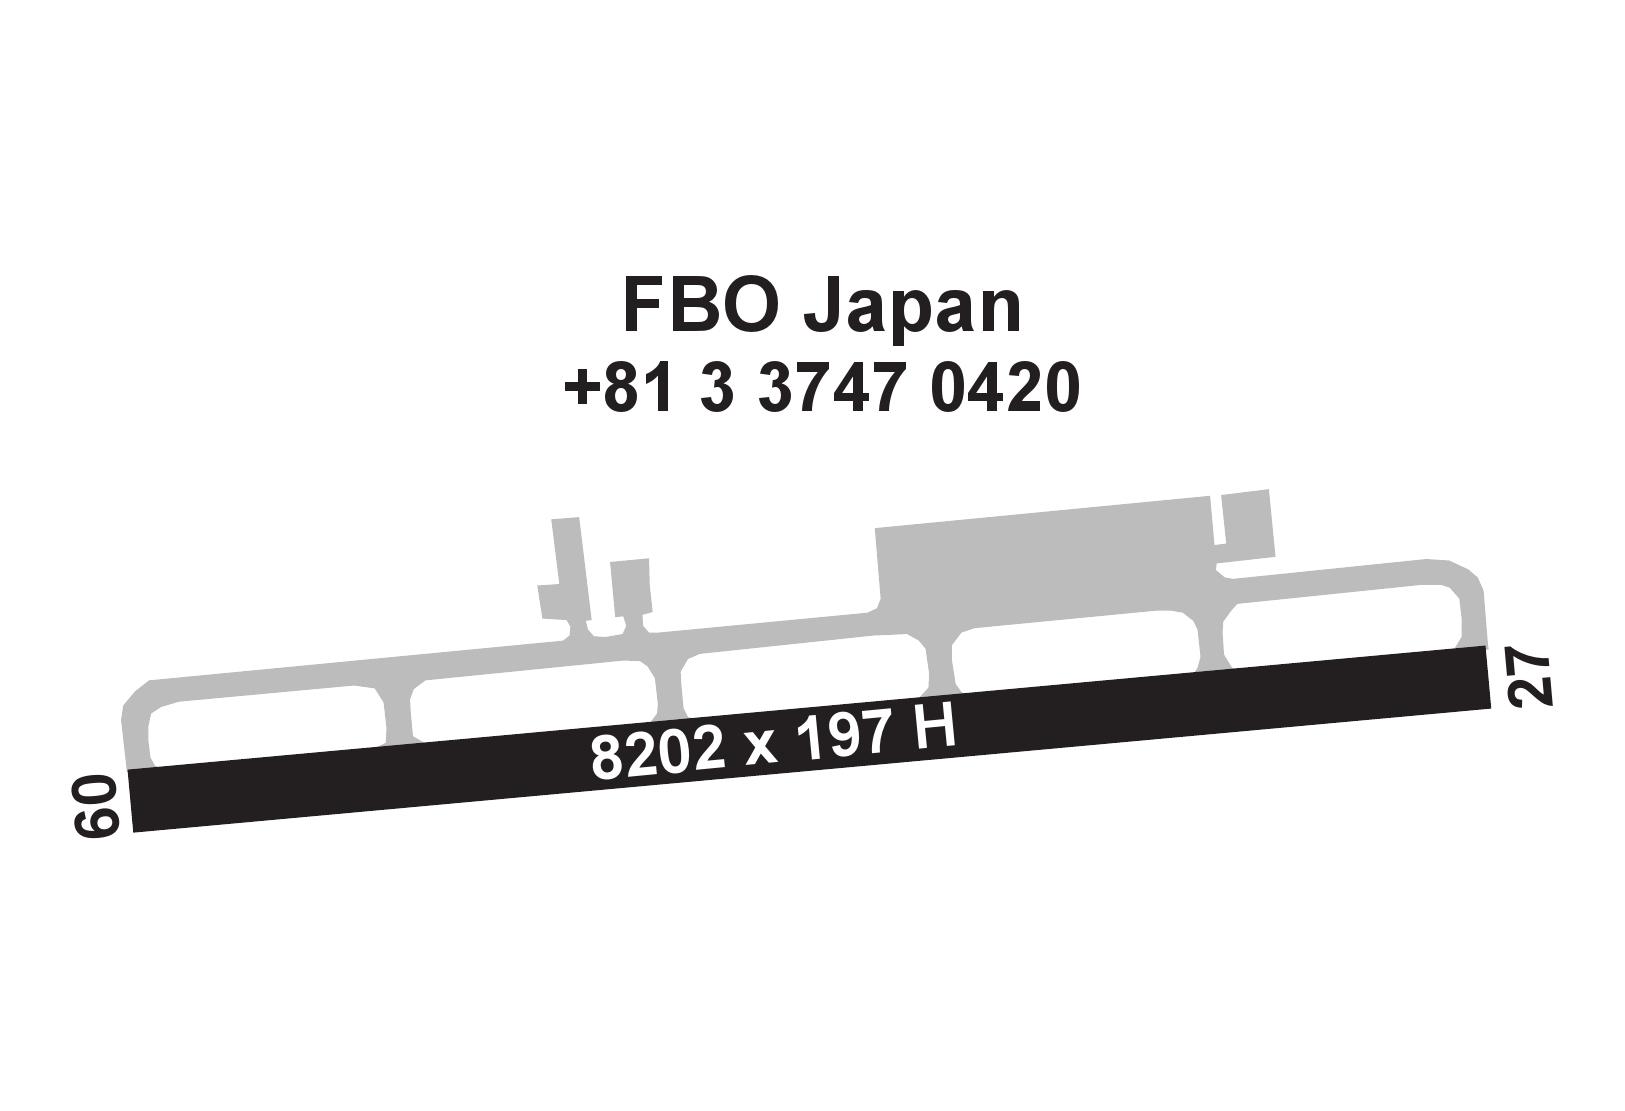 Fbo Japan